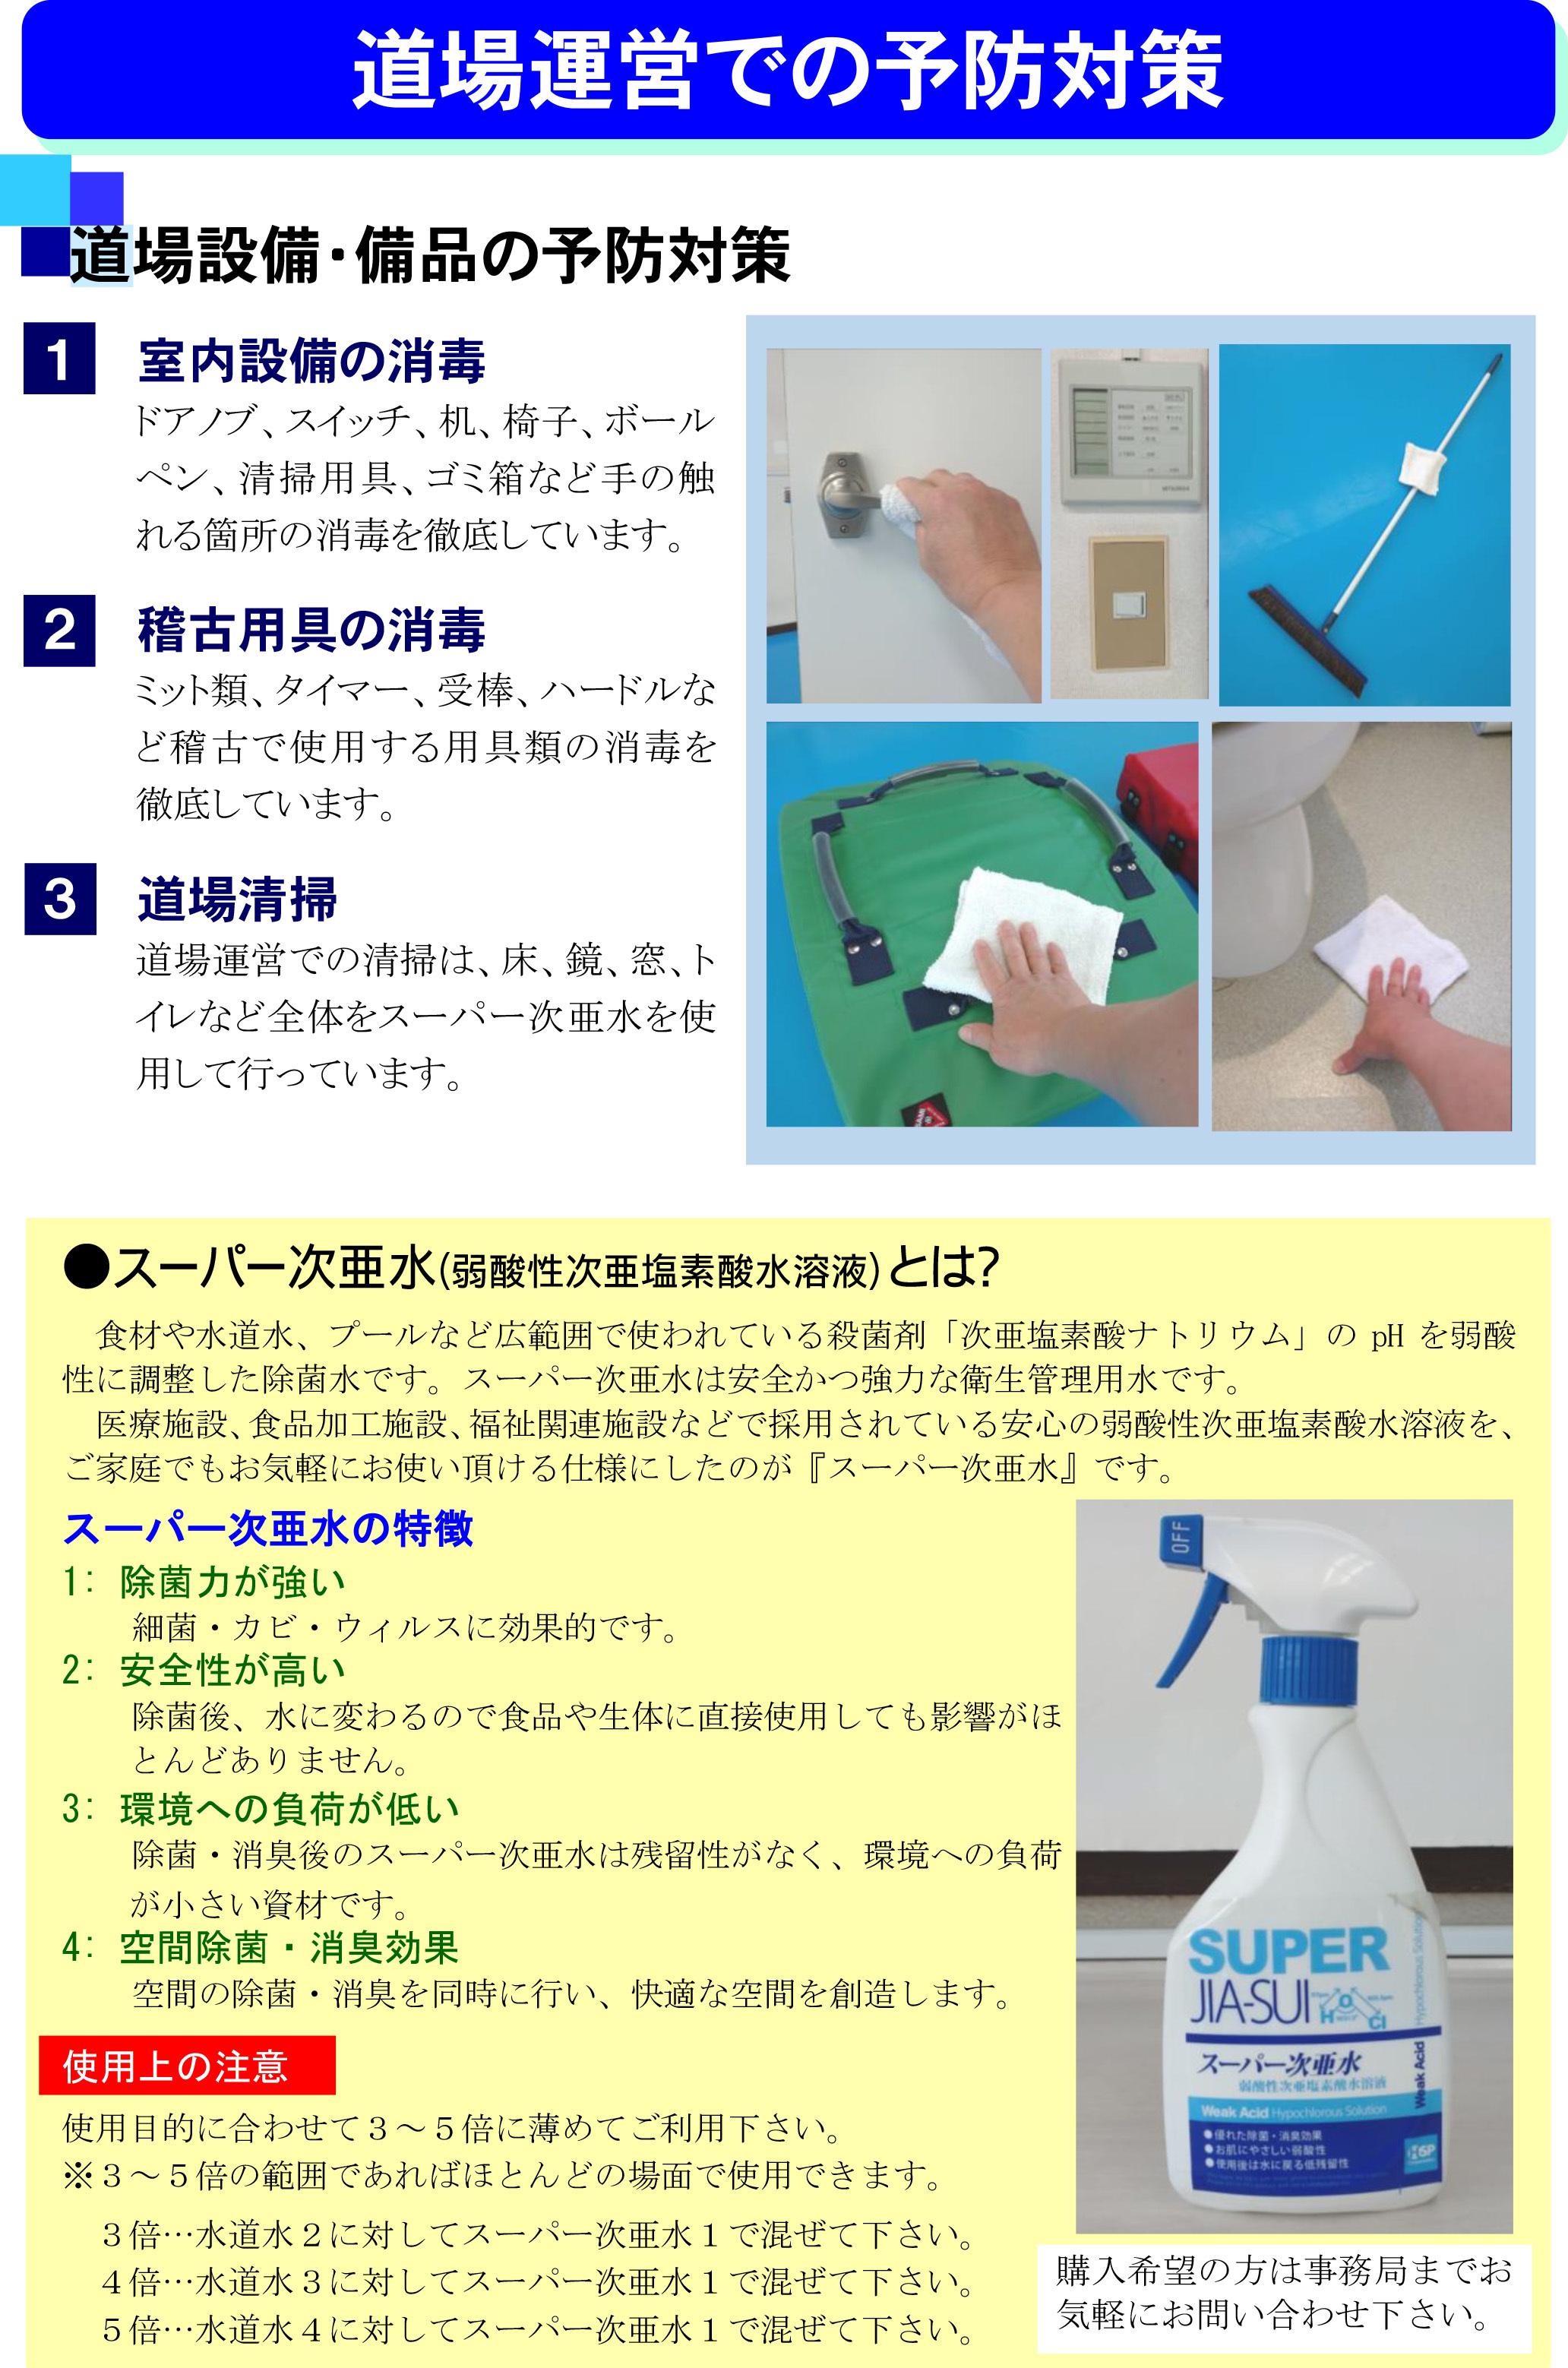 新型コロナウィルス感染対策マニュアル-1